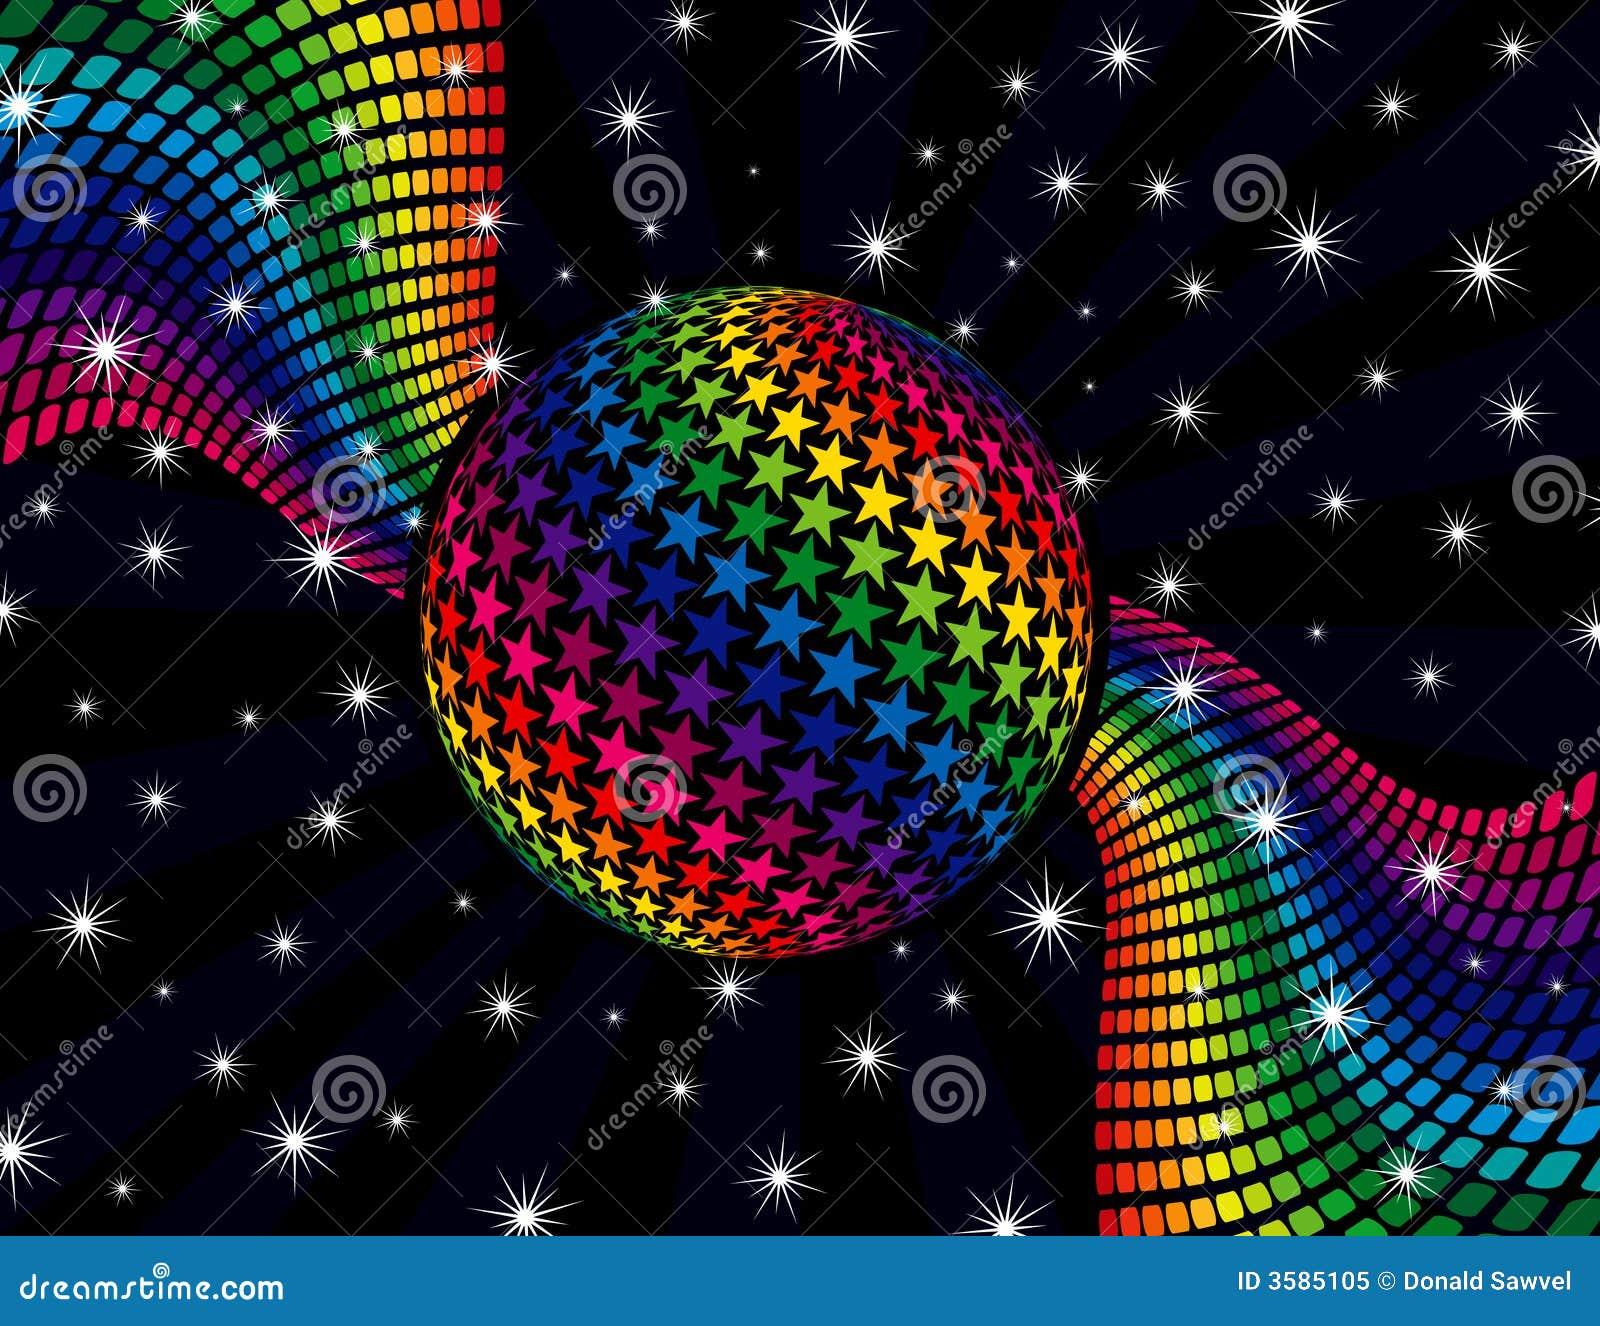 Rainbow Disco Background Royalty Free Stock Photo - Image: 3585105